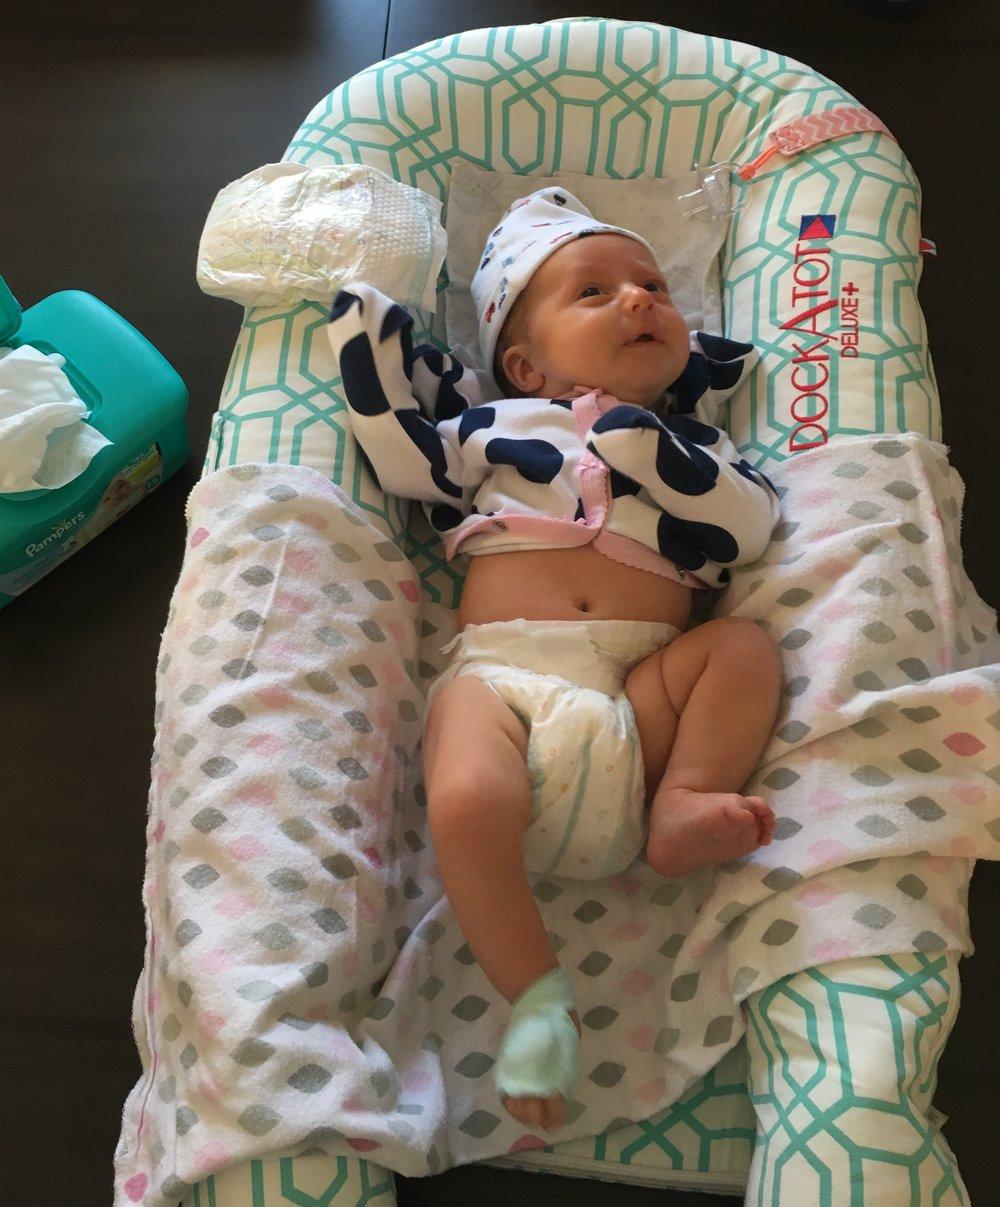 Baby Bird having her diaper changed in the Dock-A-Tot.JPG